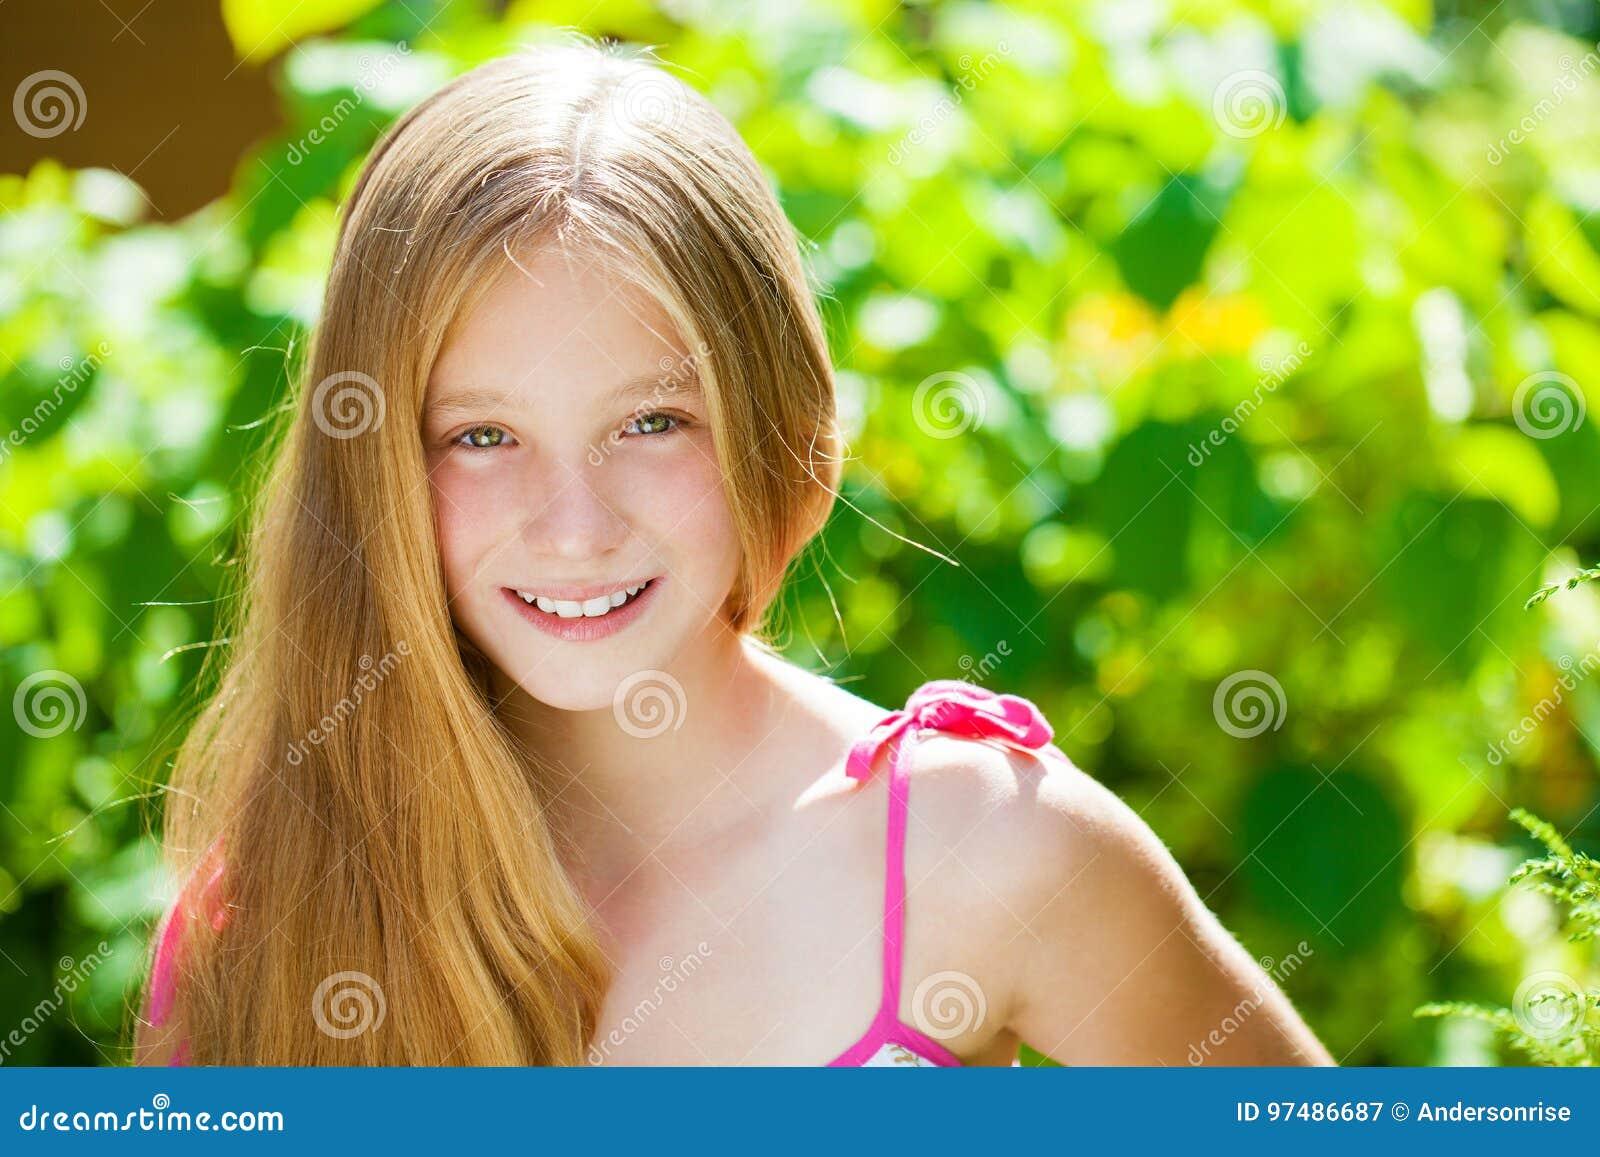 Ritratto di bella giovane bambina bionda